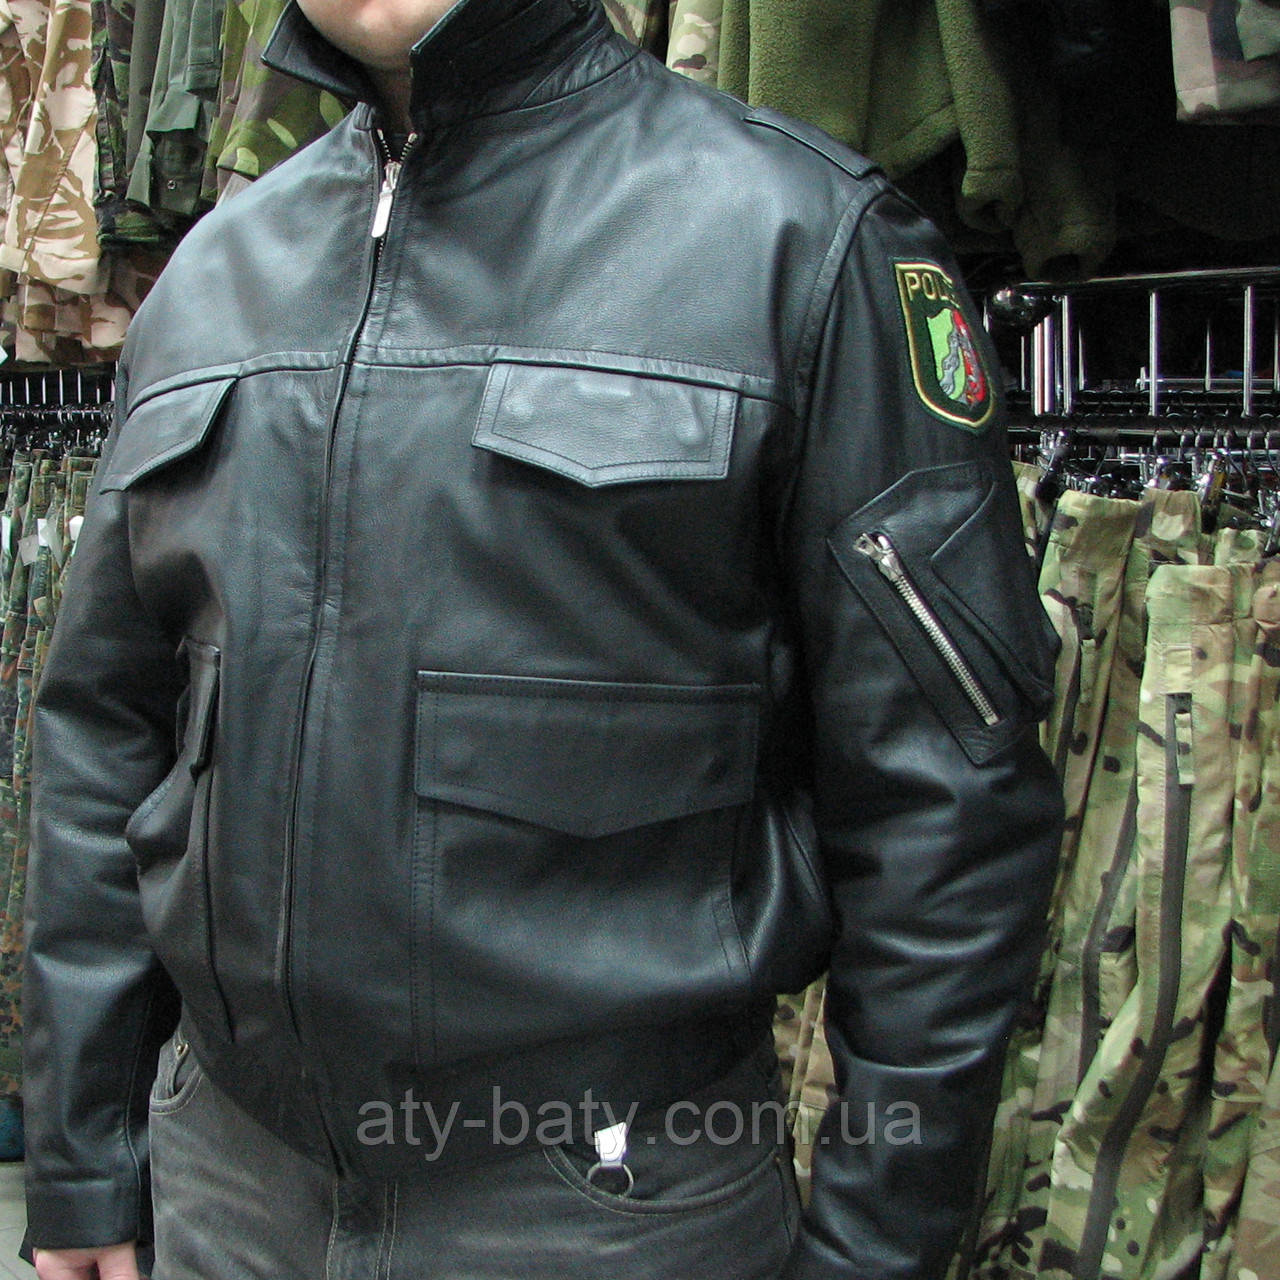 Куртка кожаная полицейская, Германия.